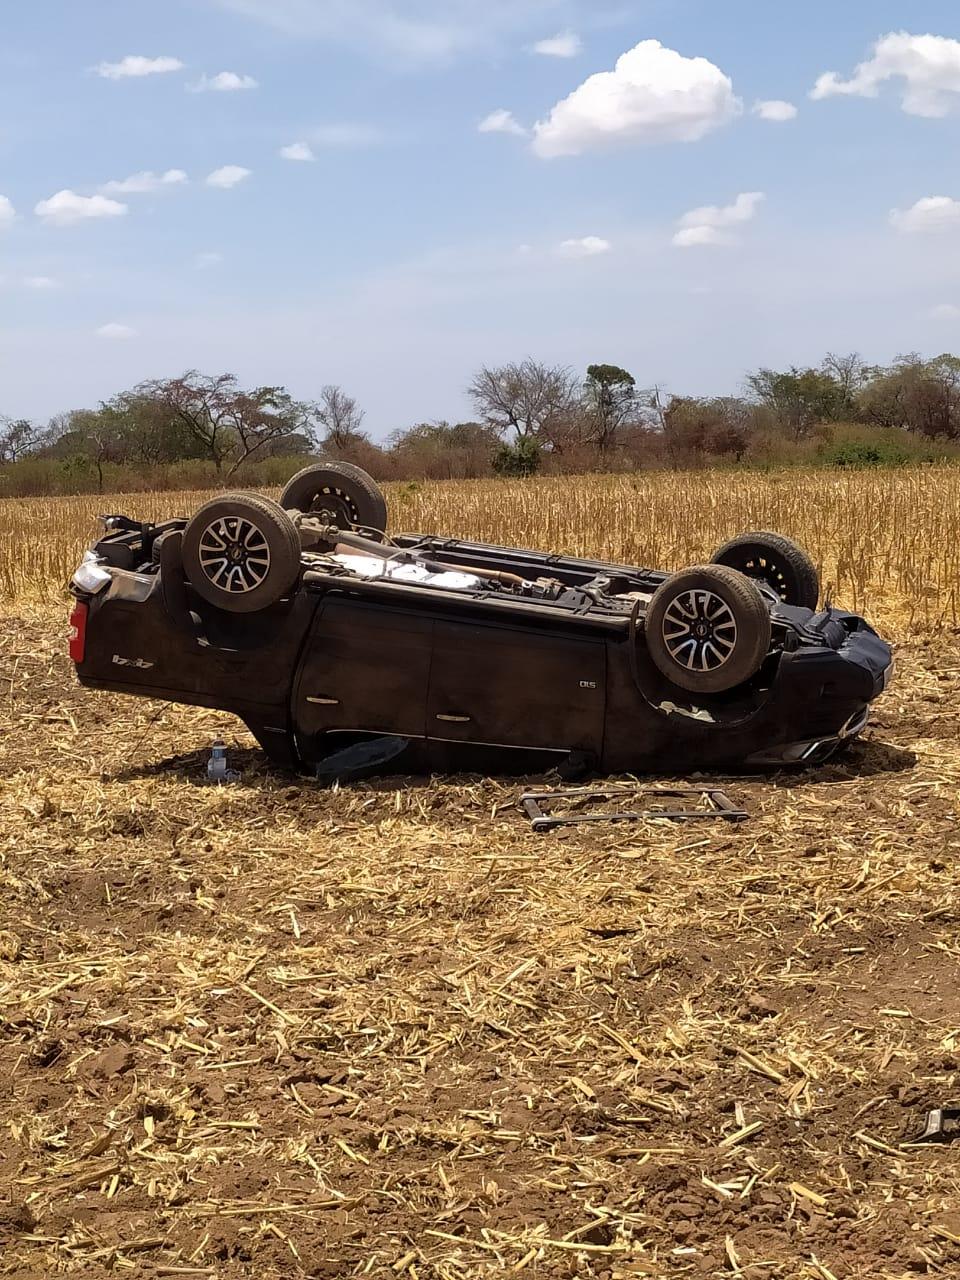 Diretor do Hospital Regional de Oeiras sofre acidente automobilístico na PI 236 próximo a Regeneração 4